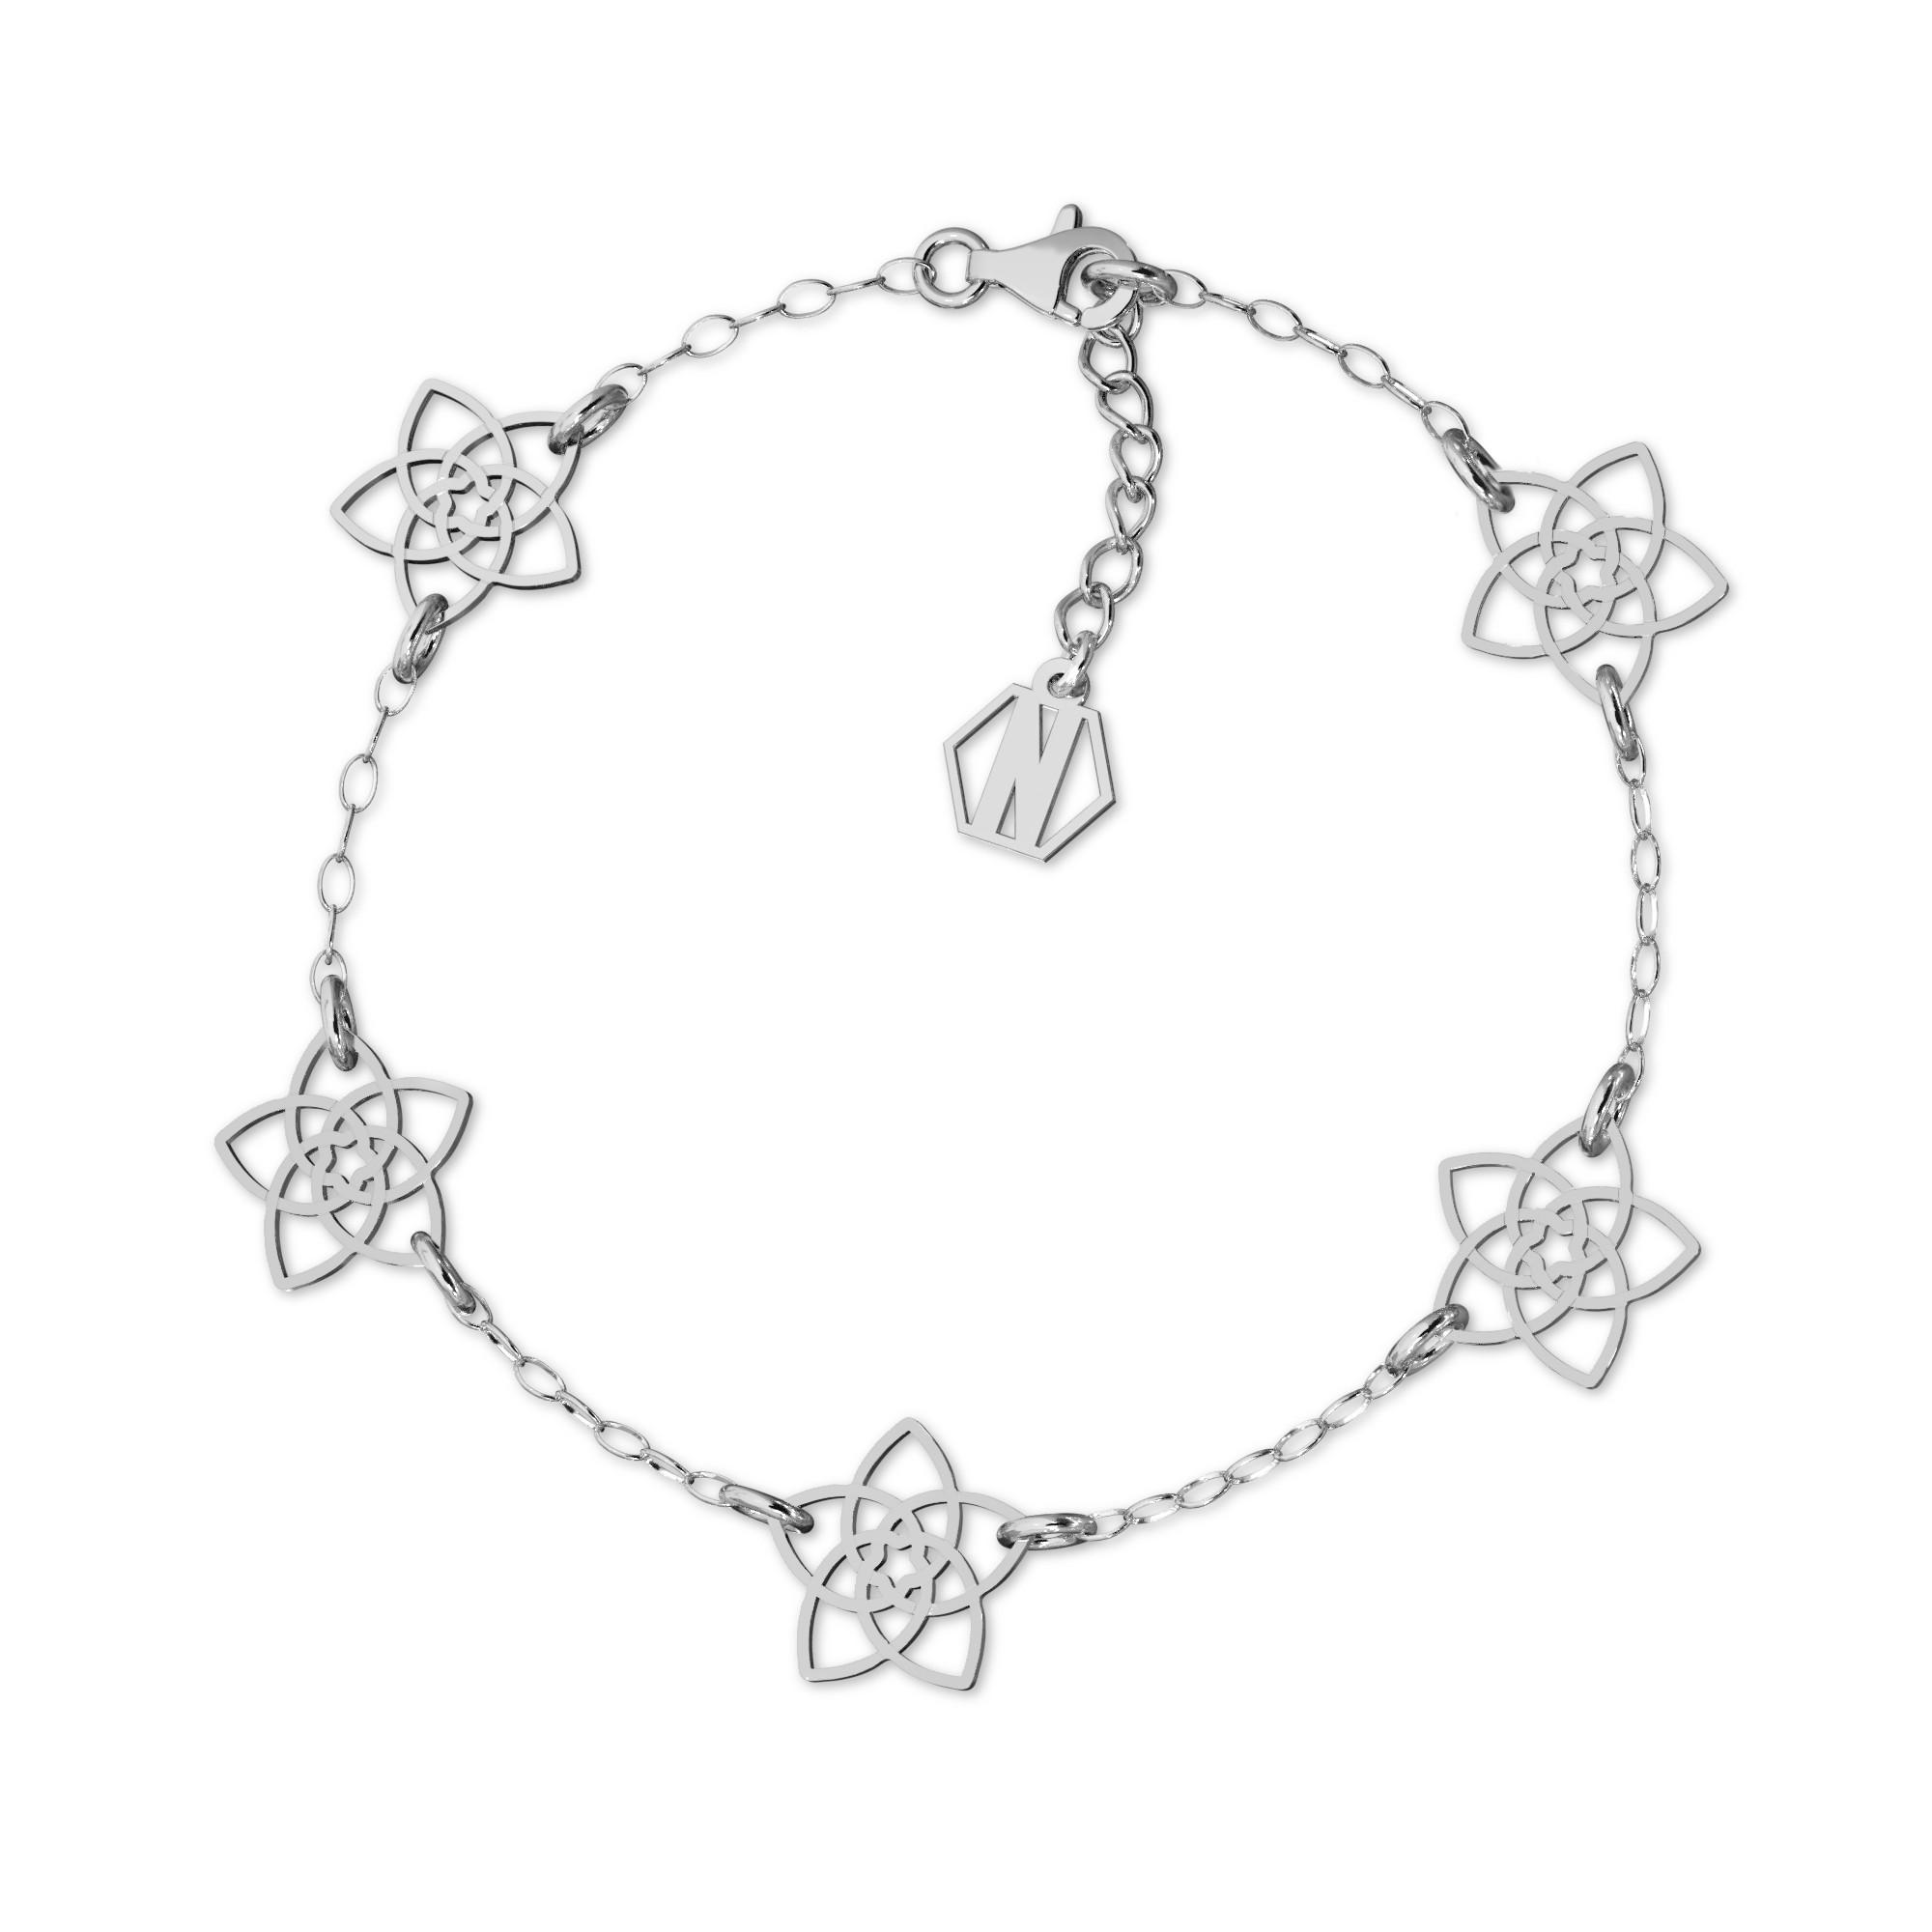 Srebrna bransoletka kwiatki srebro 925, Nikki Lund